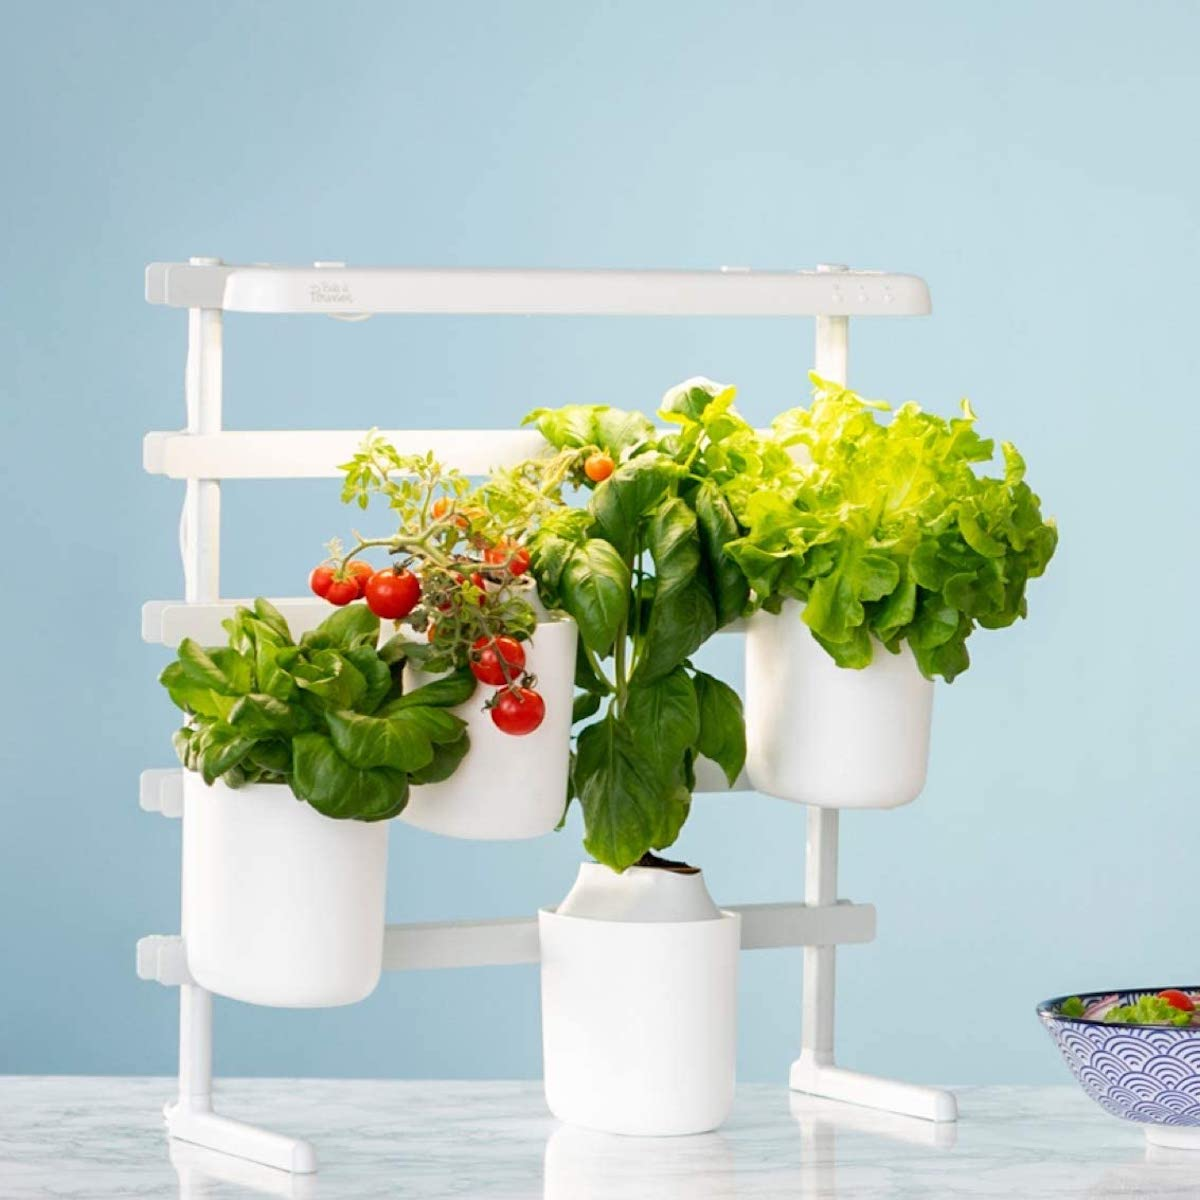 prêt à pousser tomate cerise menthe cuisine potager jardin - blog déco -clematc